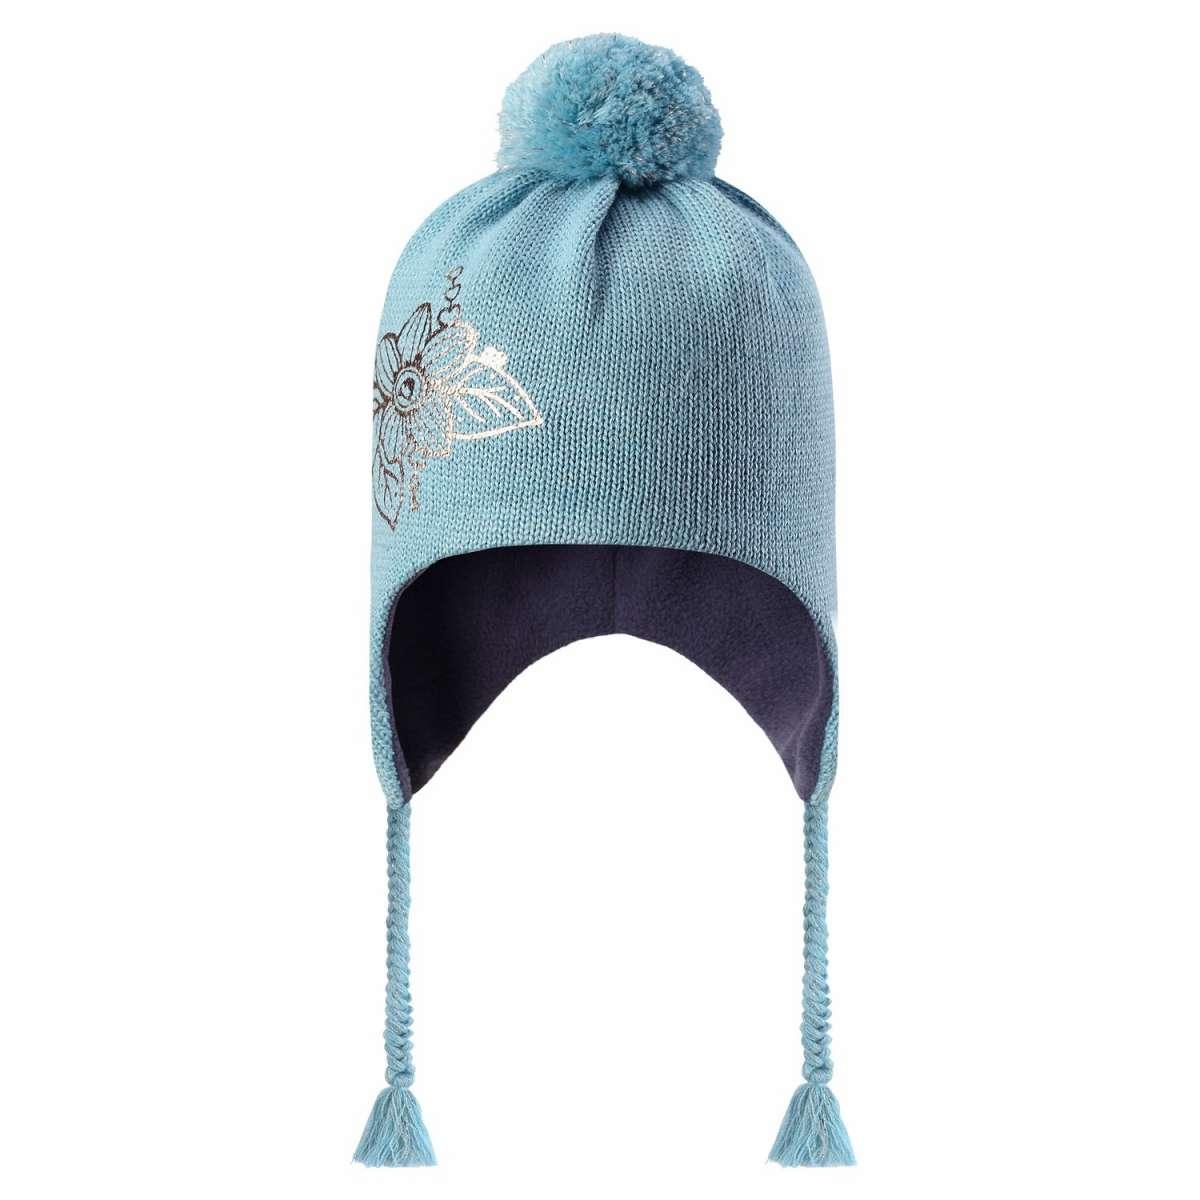 Lassie Blue Bērnu vilnas cepure meitenēm